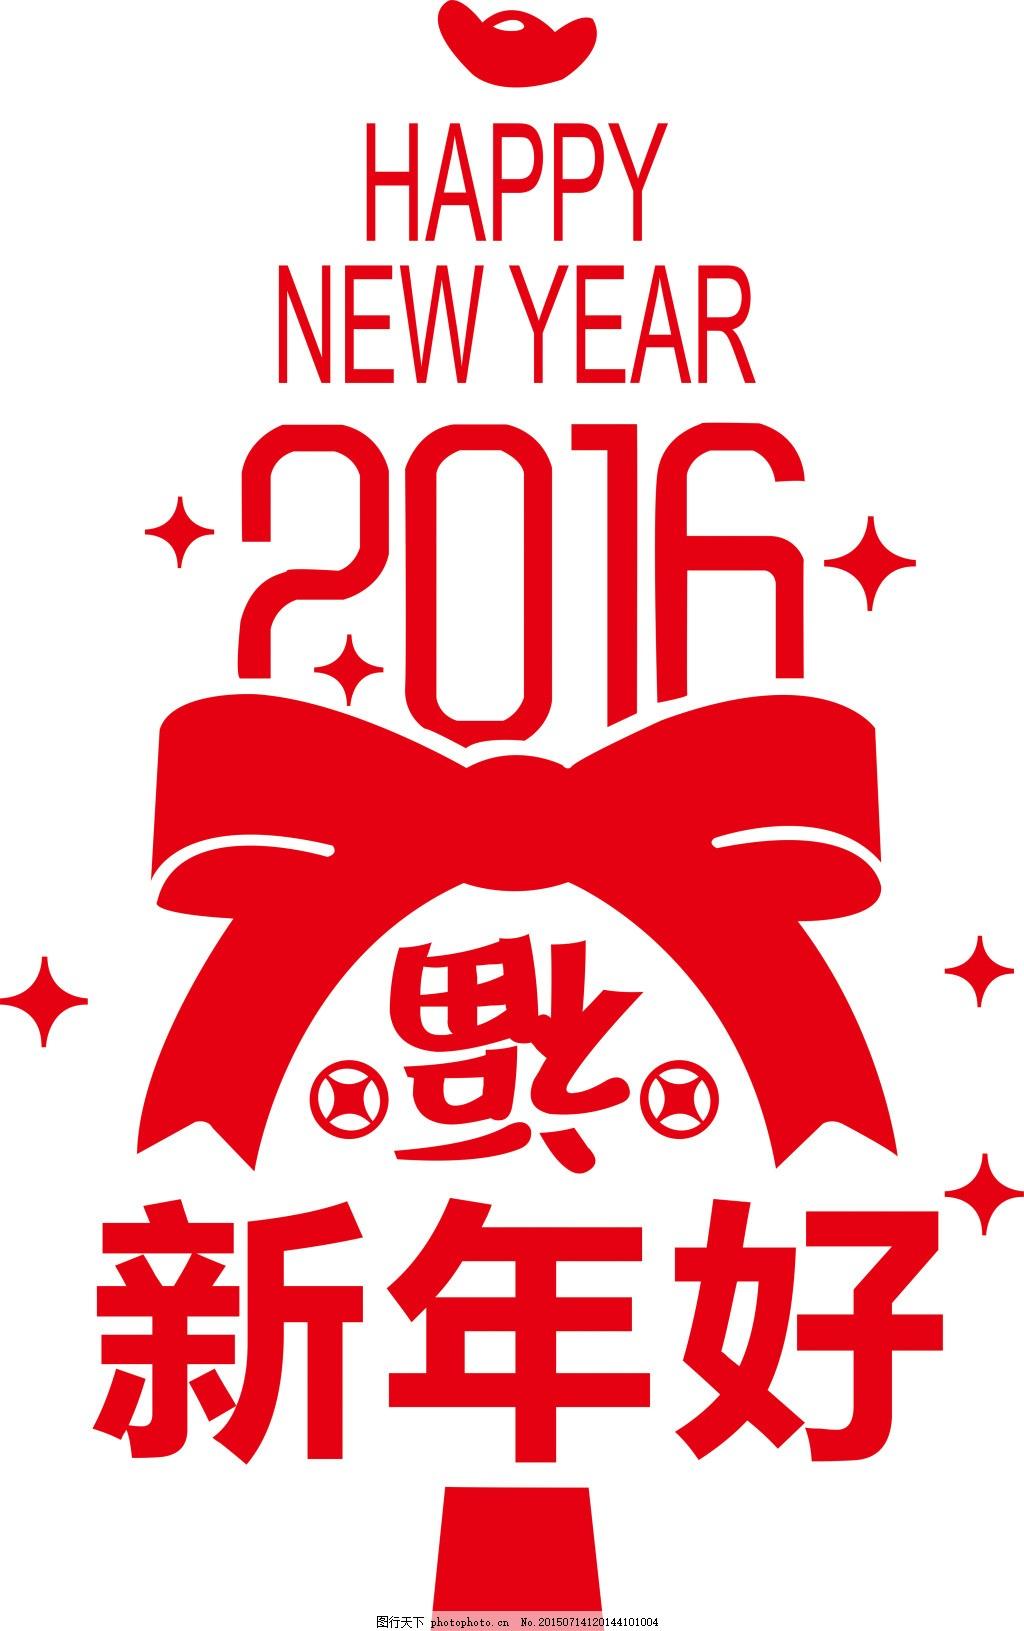 新年快乐 2016 元旦 新年 happy new year 矢量图 窗贴 窗花 新年窗贴